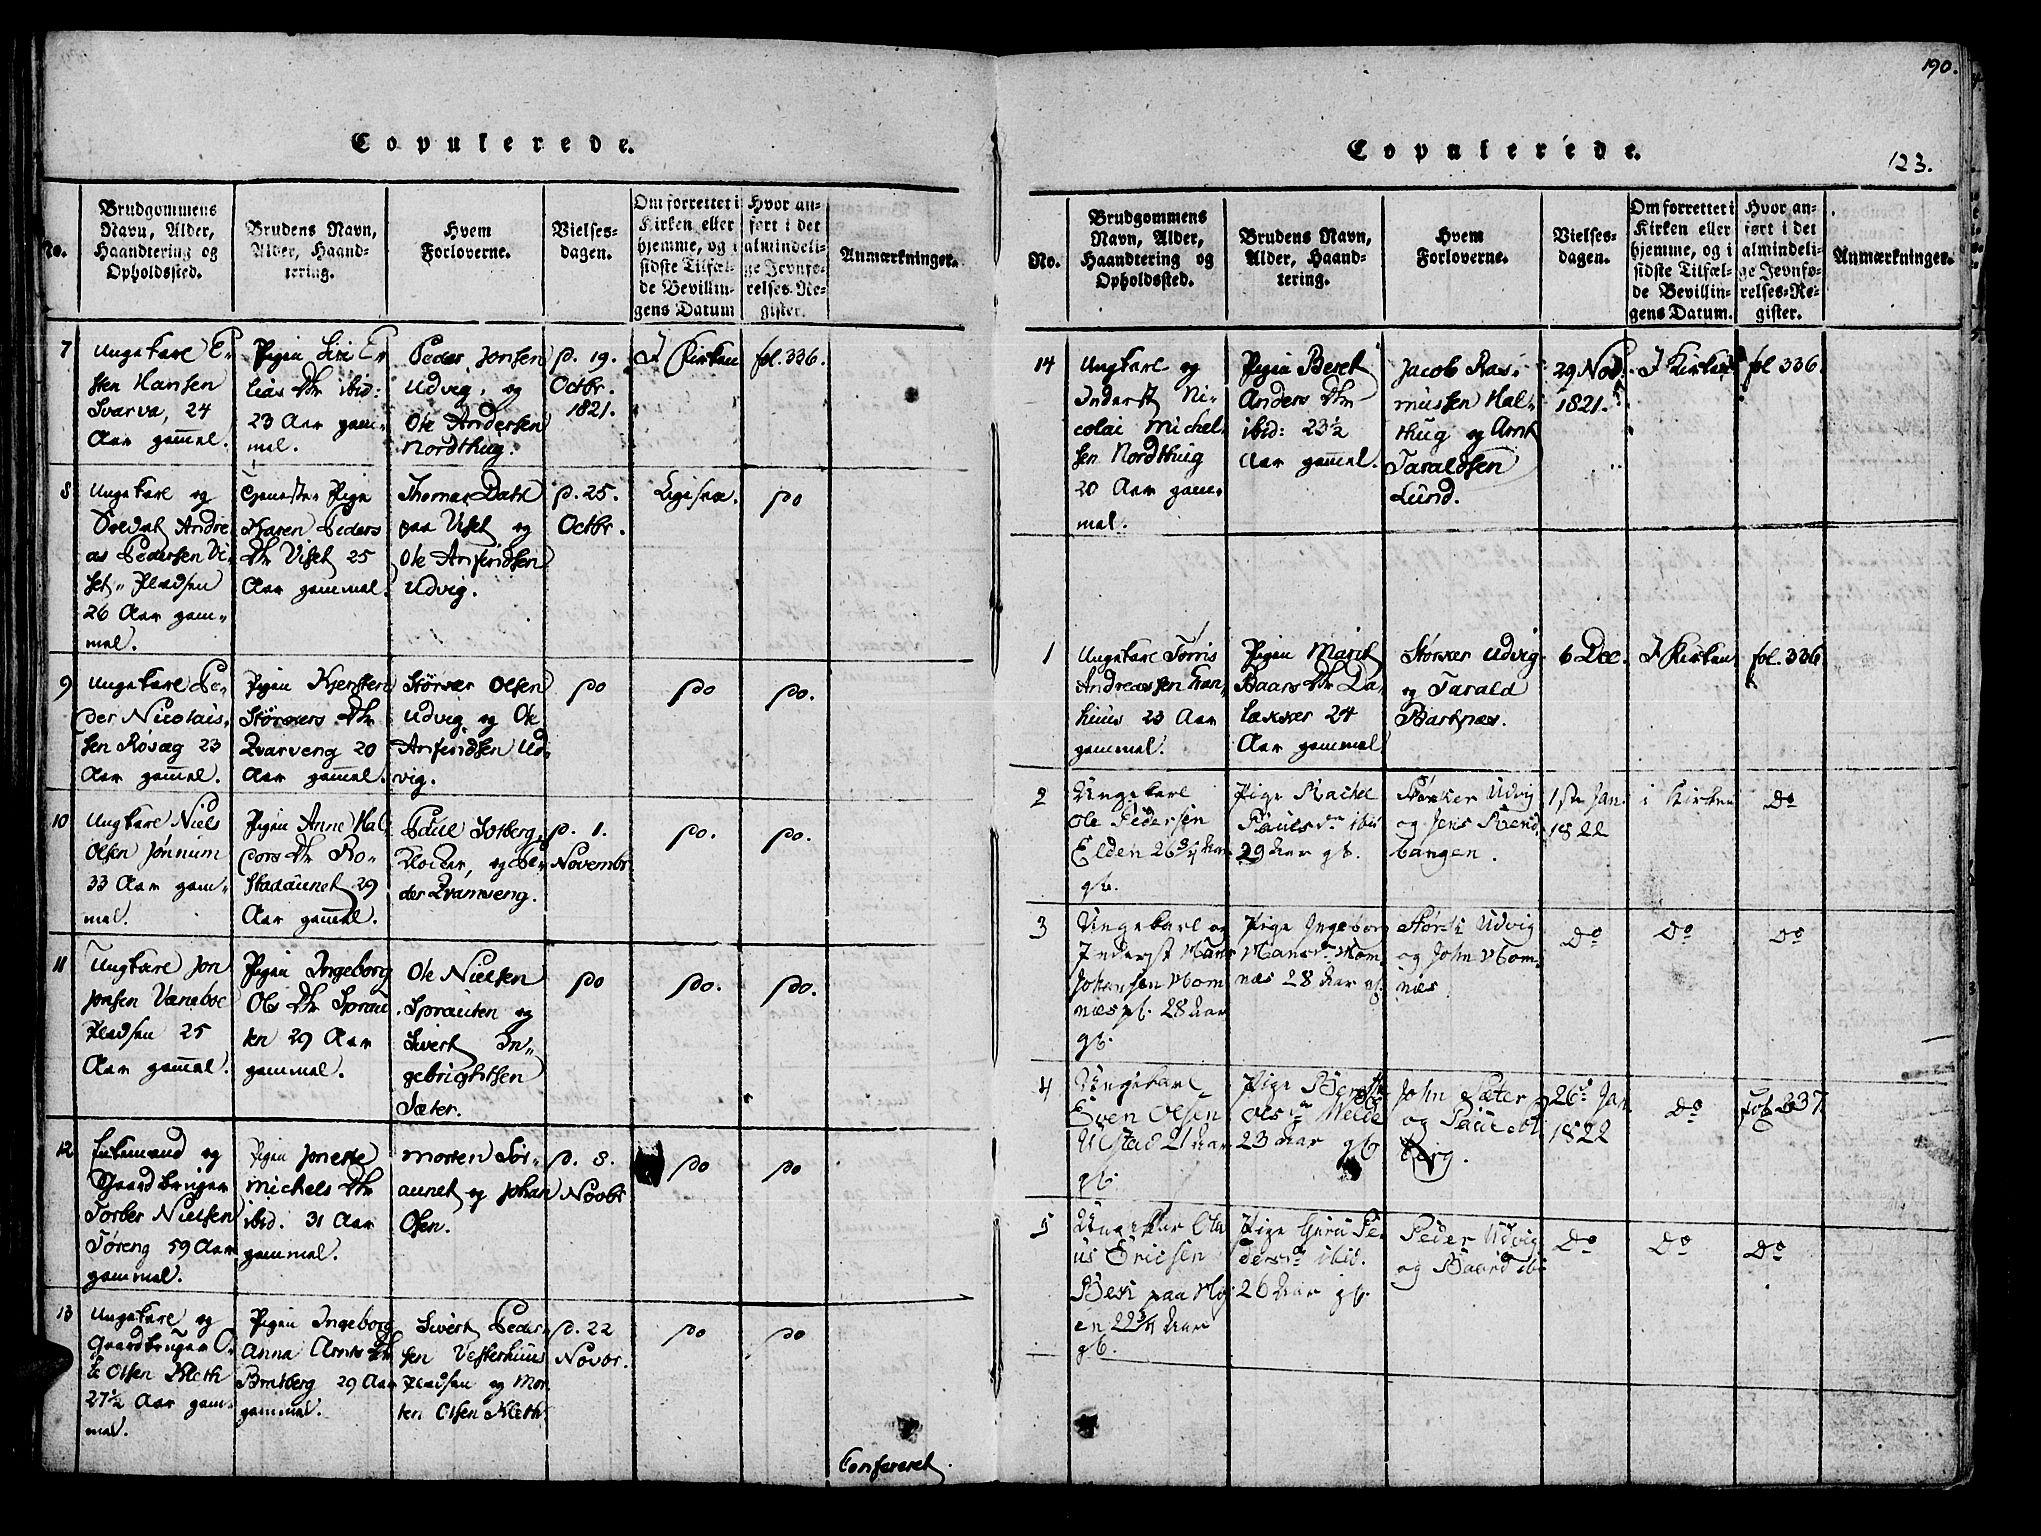 SAT, Ministerialprotokoller, klokkerbøker og fødselsregistre - Nord-Trøndelag, 741/L0387: Ministerialbok nr. 741A03 /1, 1817-1822, s. 123